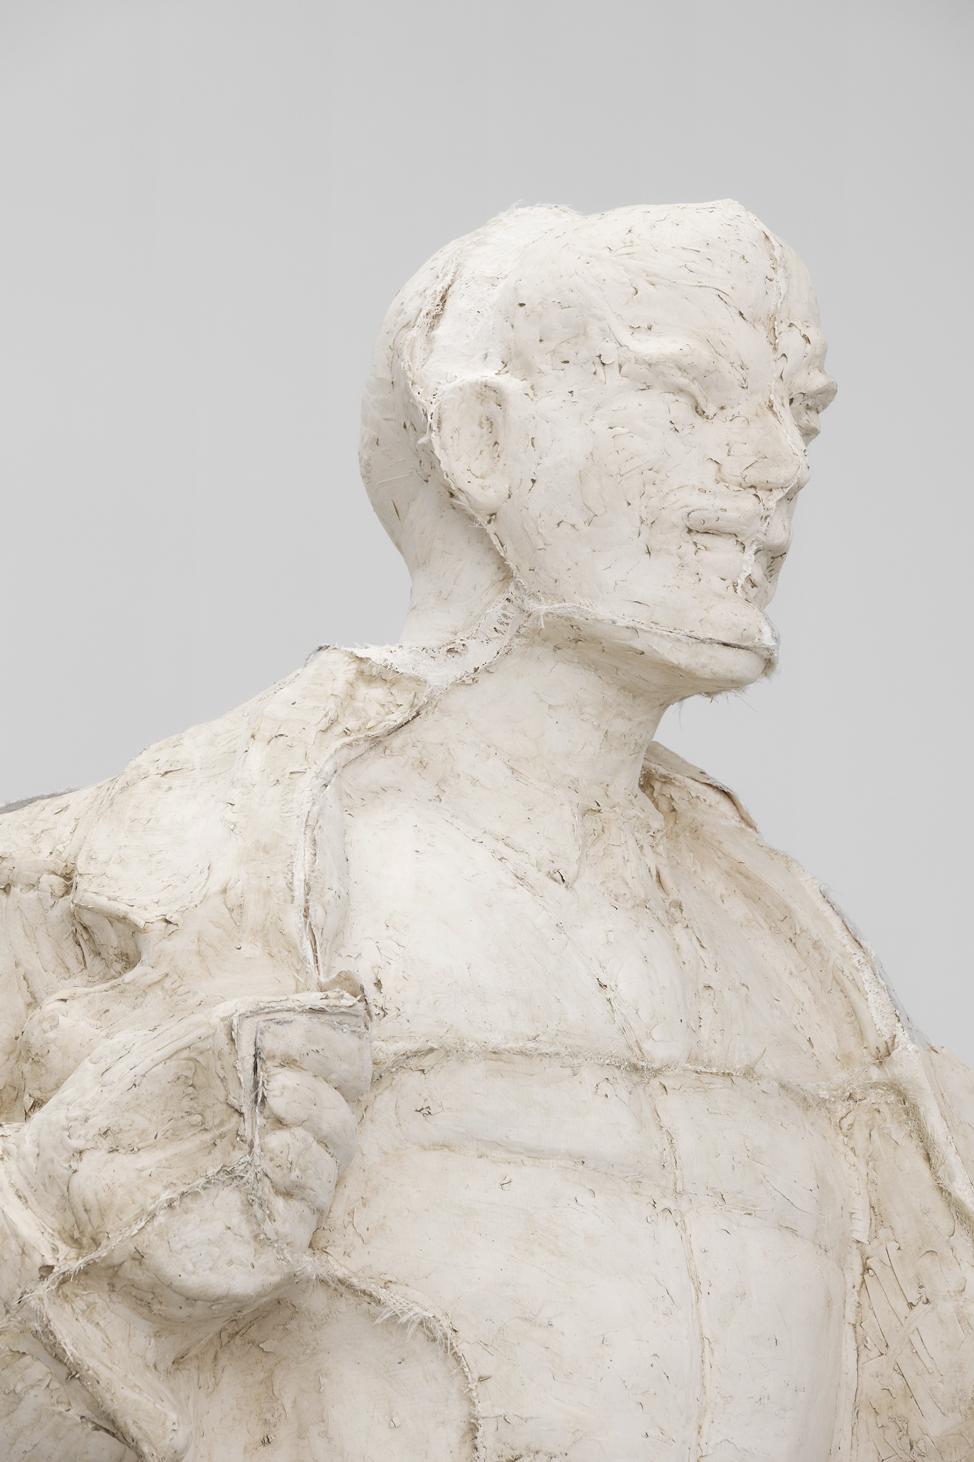 Incarnation (detail), Ciprian Mureșan, 2020, Unique, Resin, 399 (H) x 165 x 143 cm  — Galerie Éric Hussenot, Paris